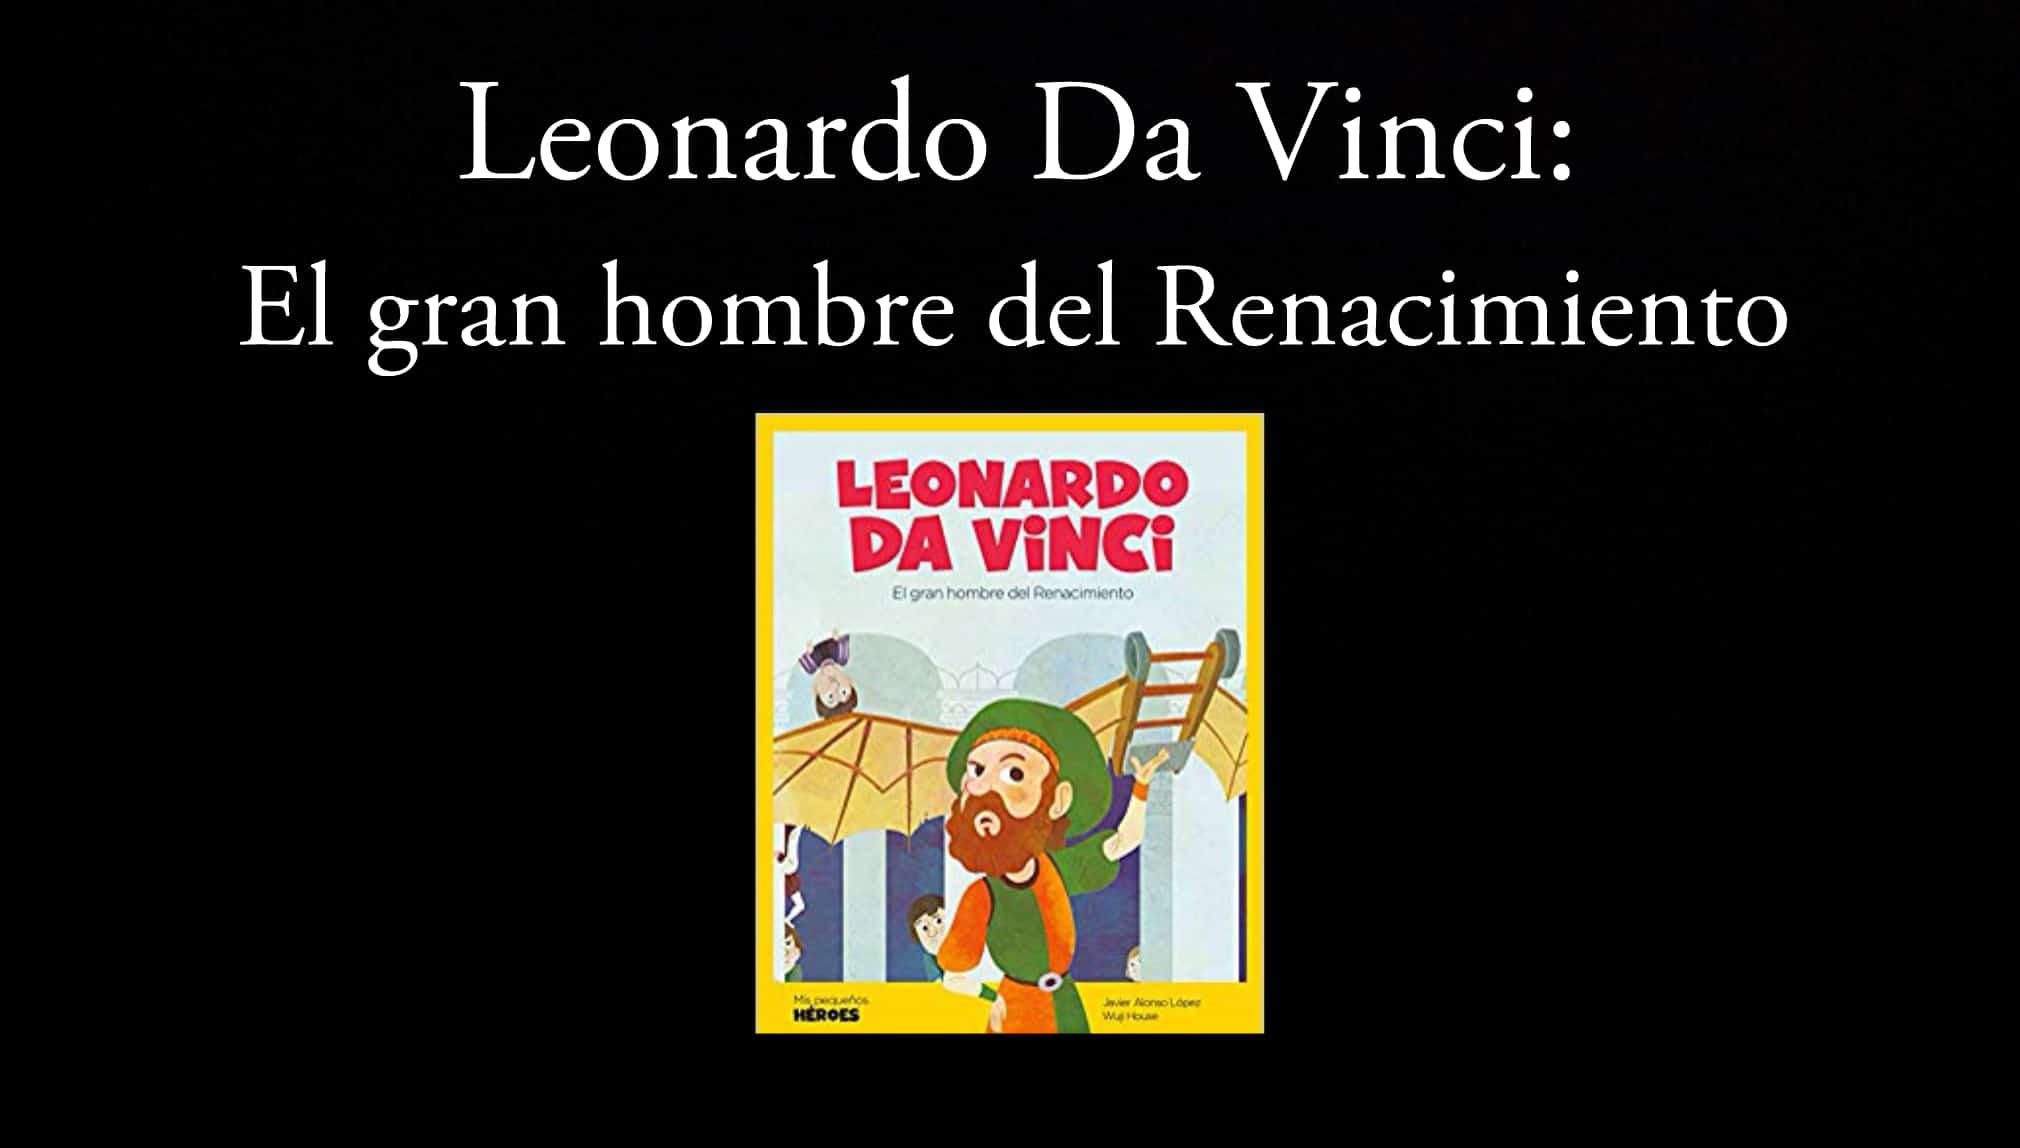 Leonardo Da Vinci: El gran hombre del Renacimiento.